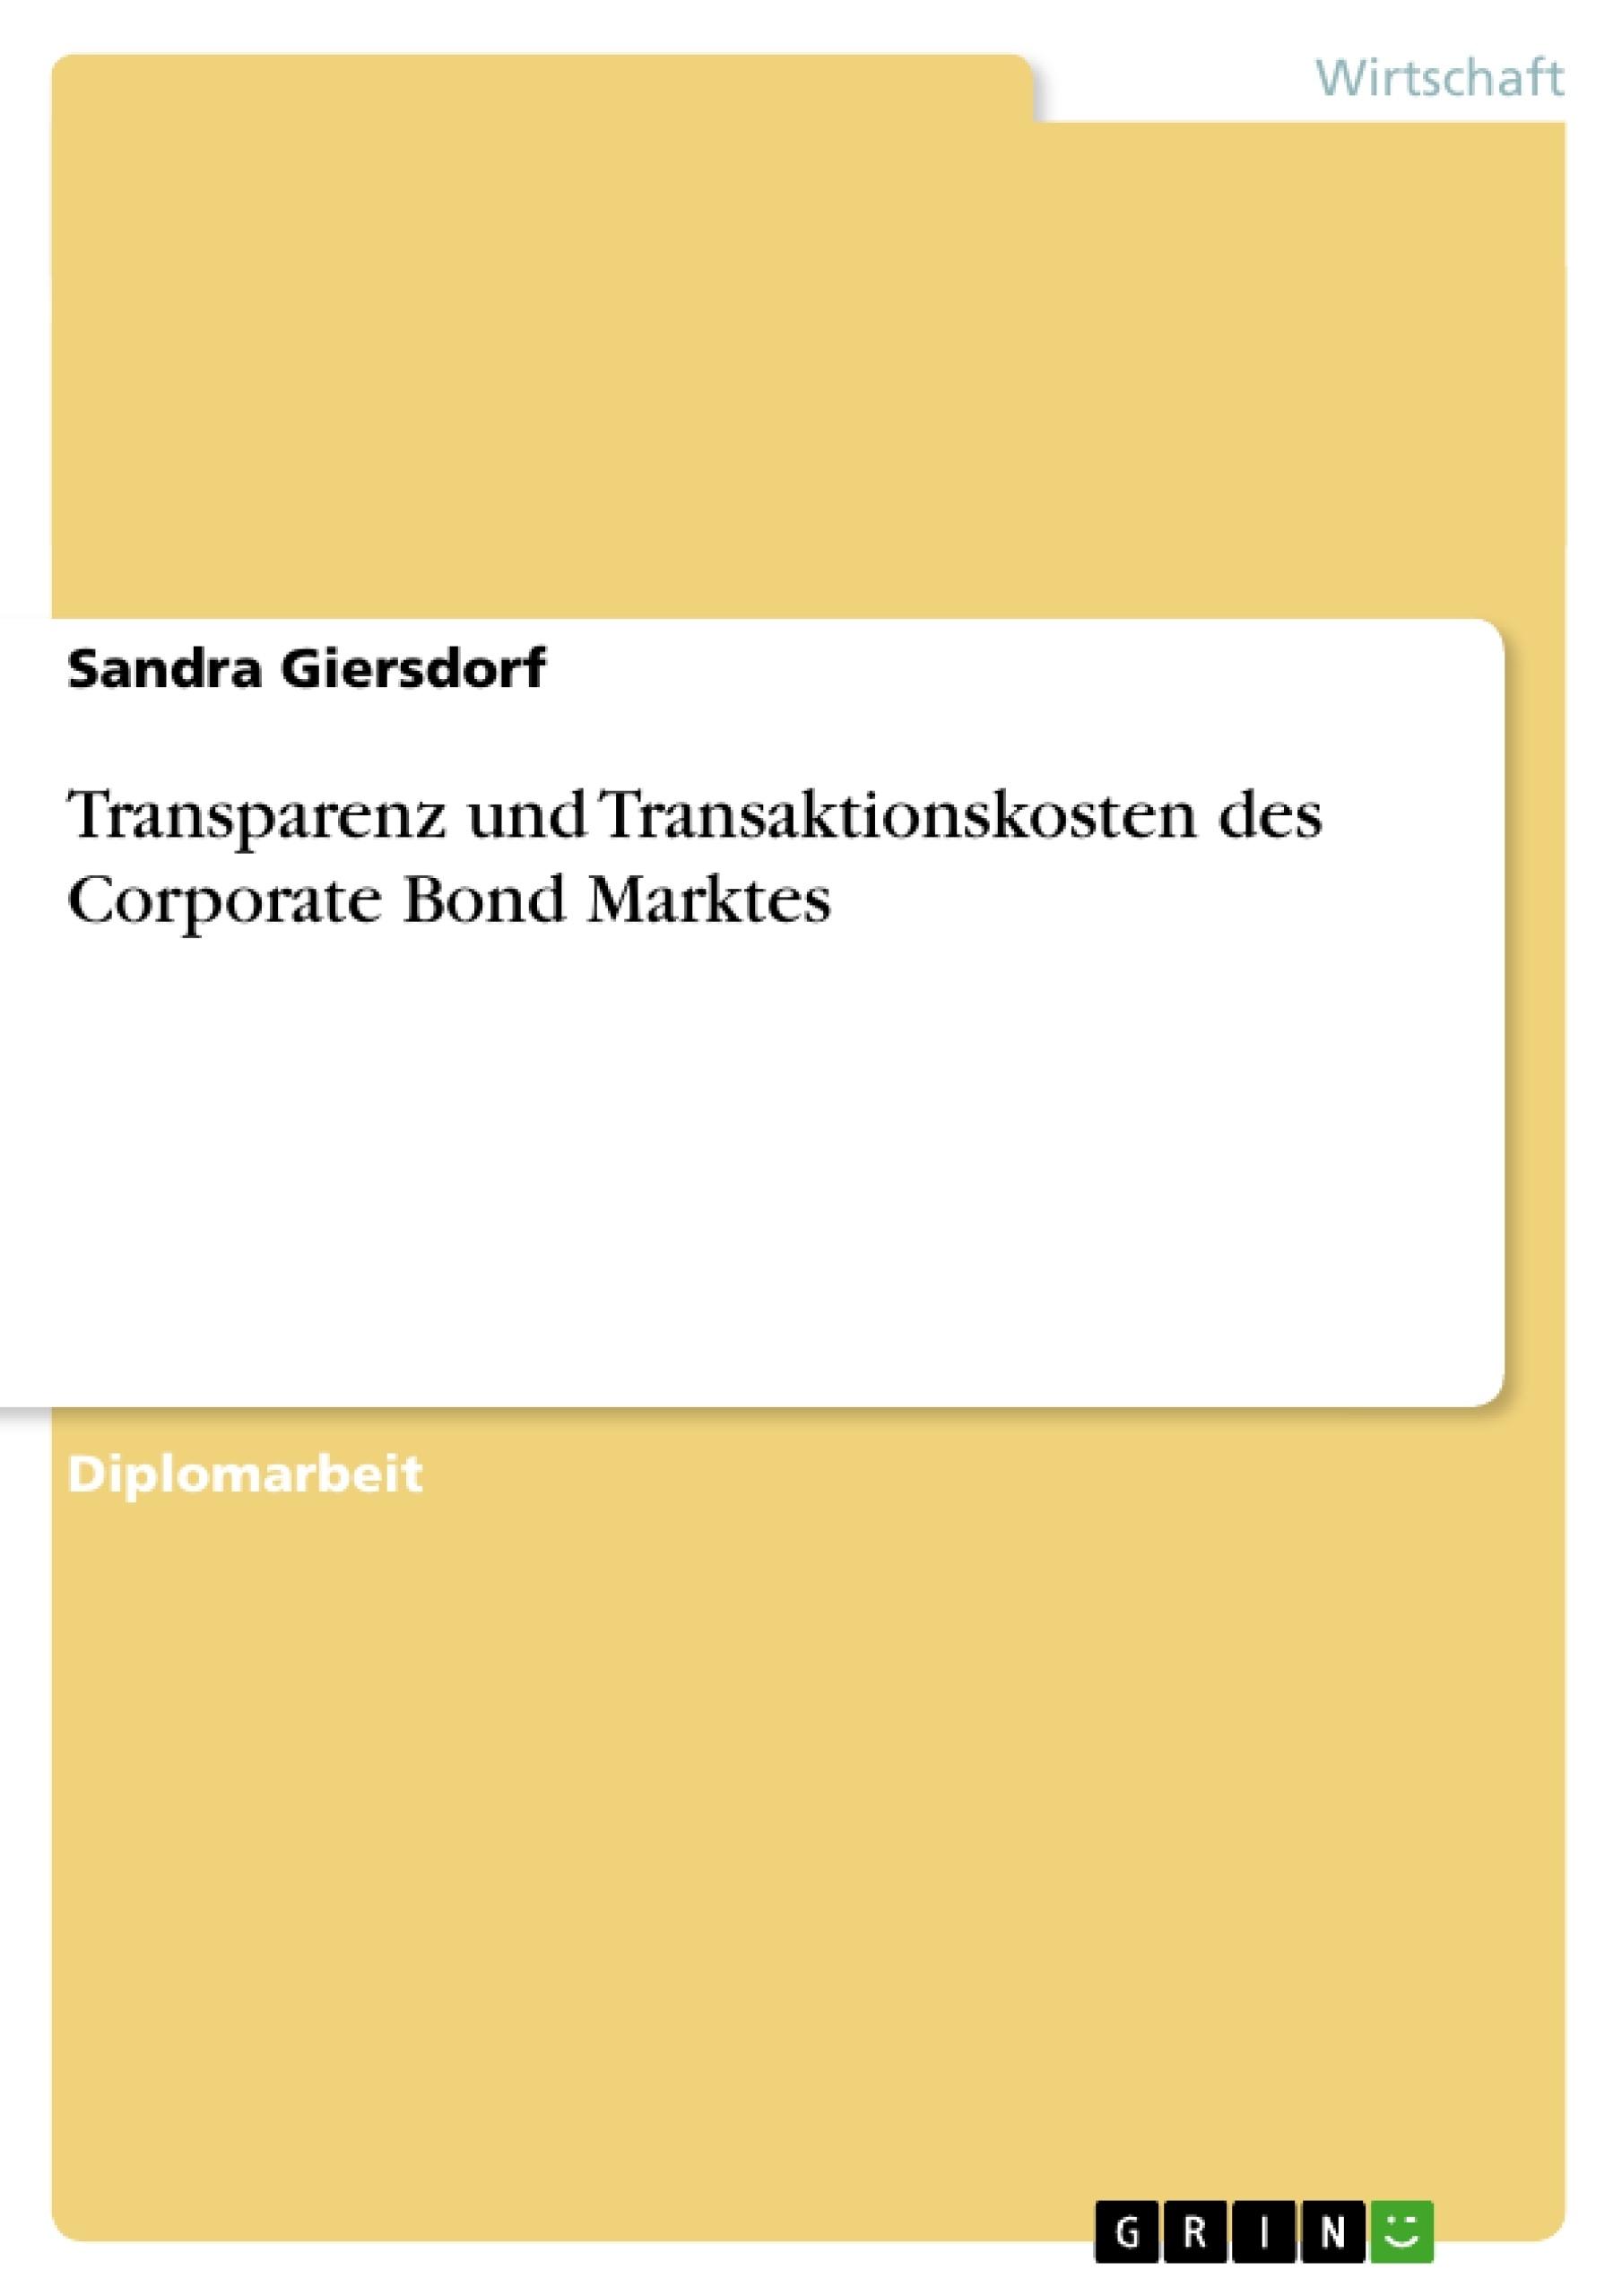 Titel: Transparenz und Transaktionskosten des Corporate Bond Marktes